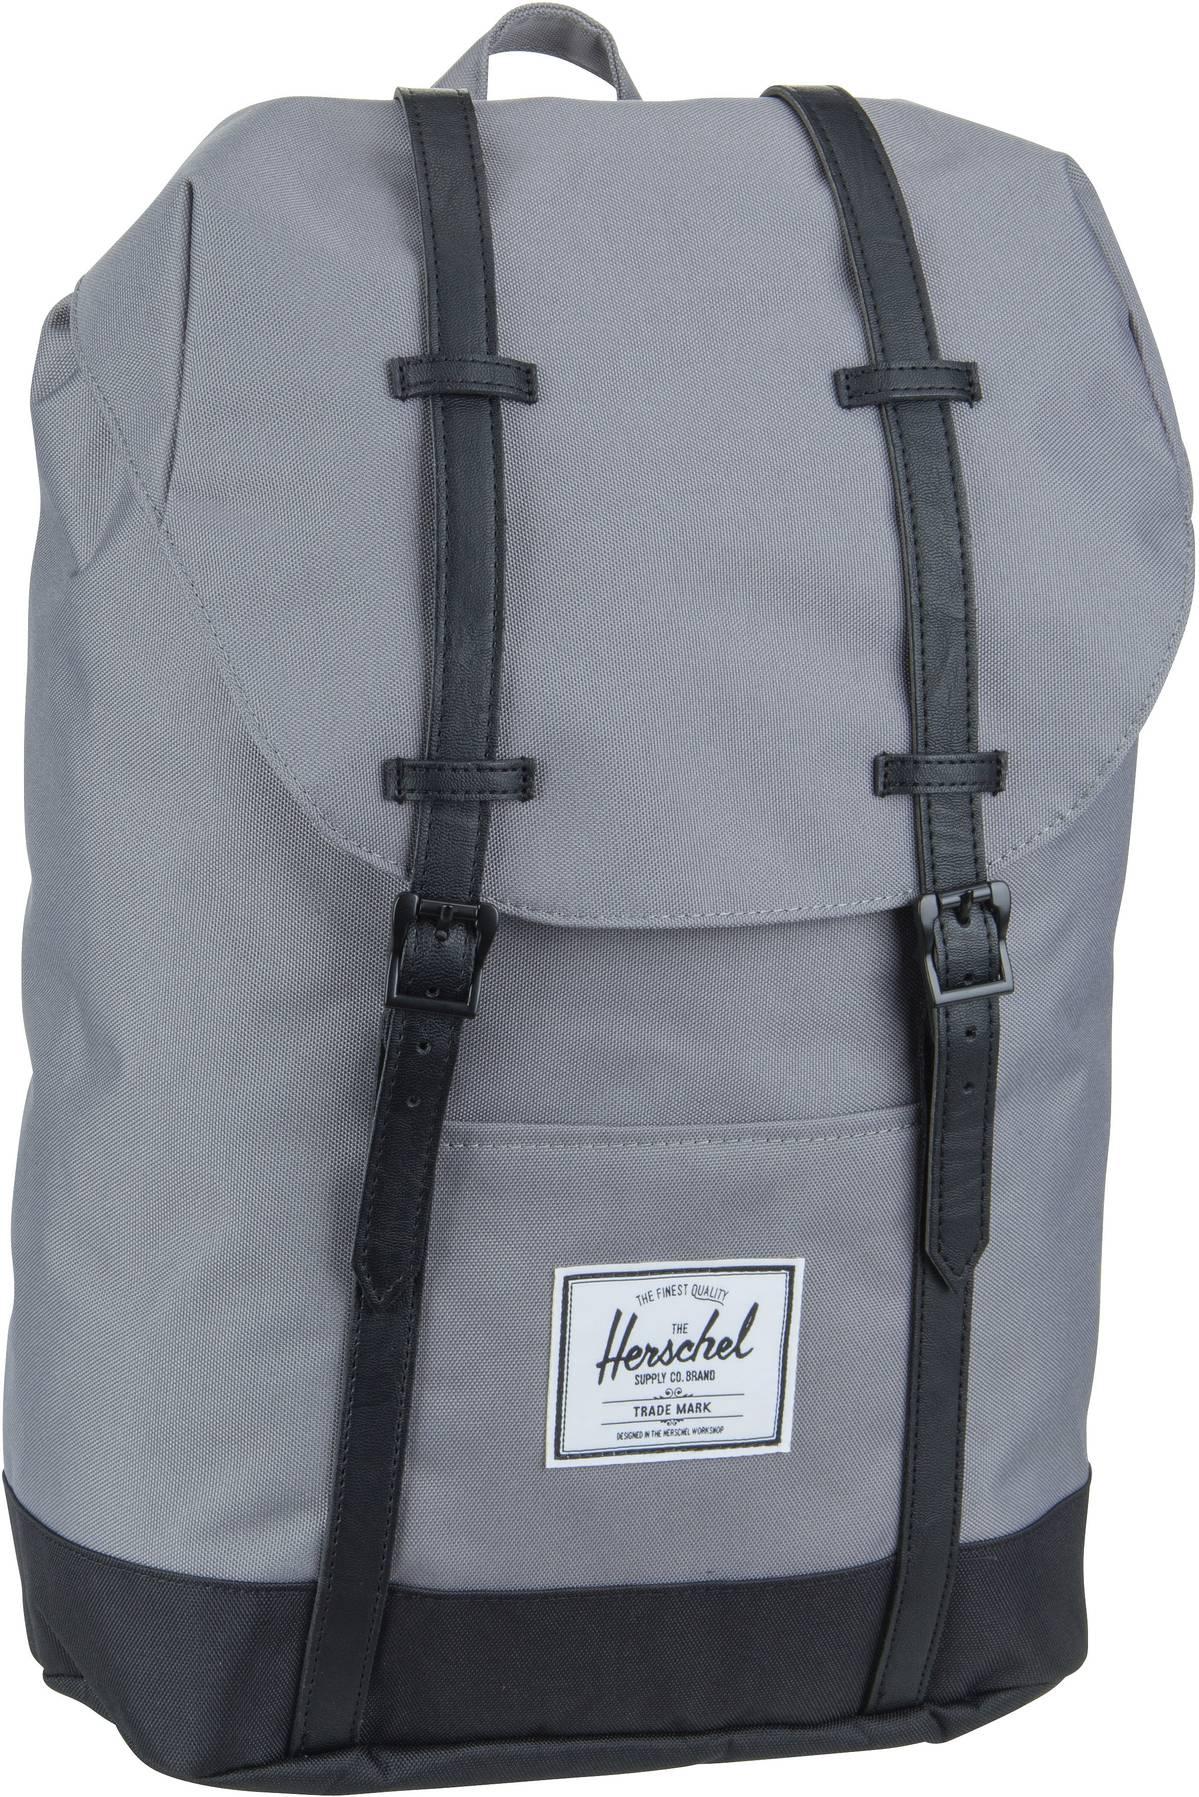 Laptoprucksack Retreat Grey/Black (19.5 Liter)